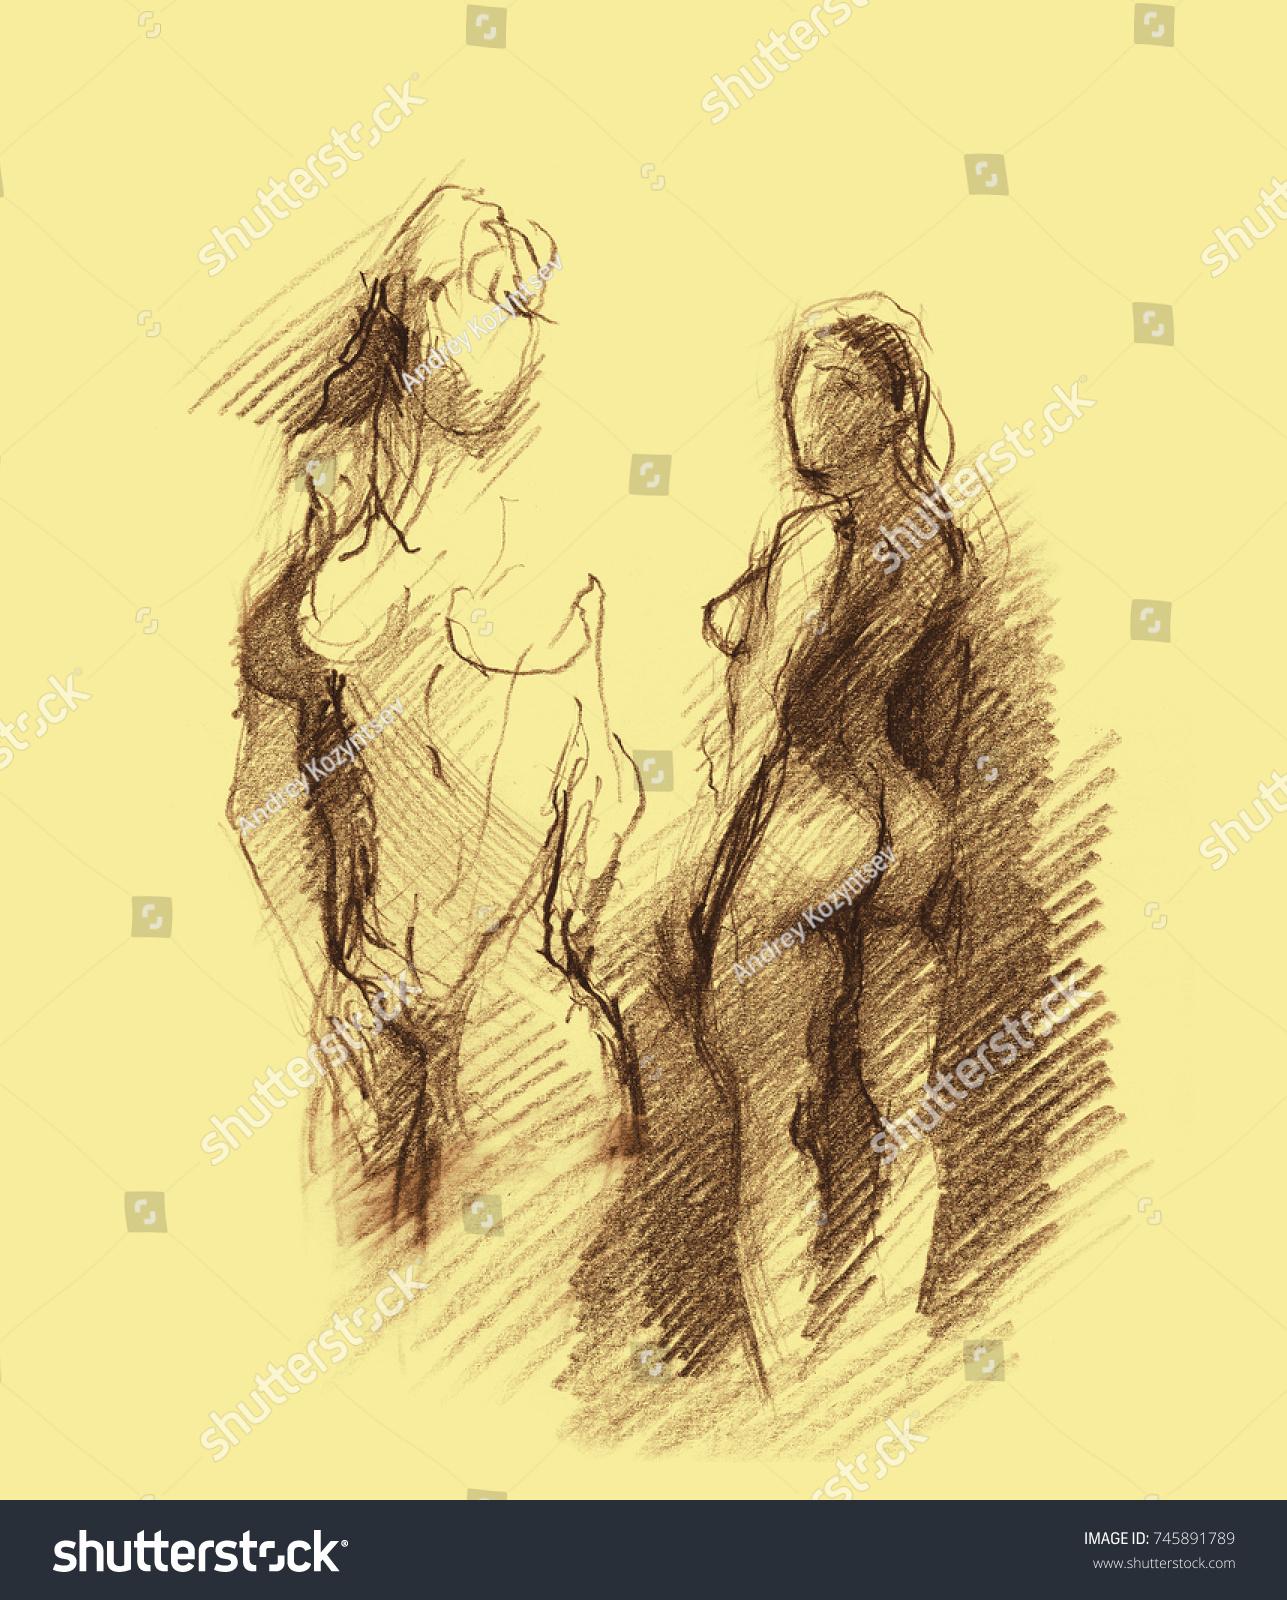 Nude woman pencil sketch